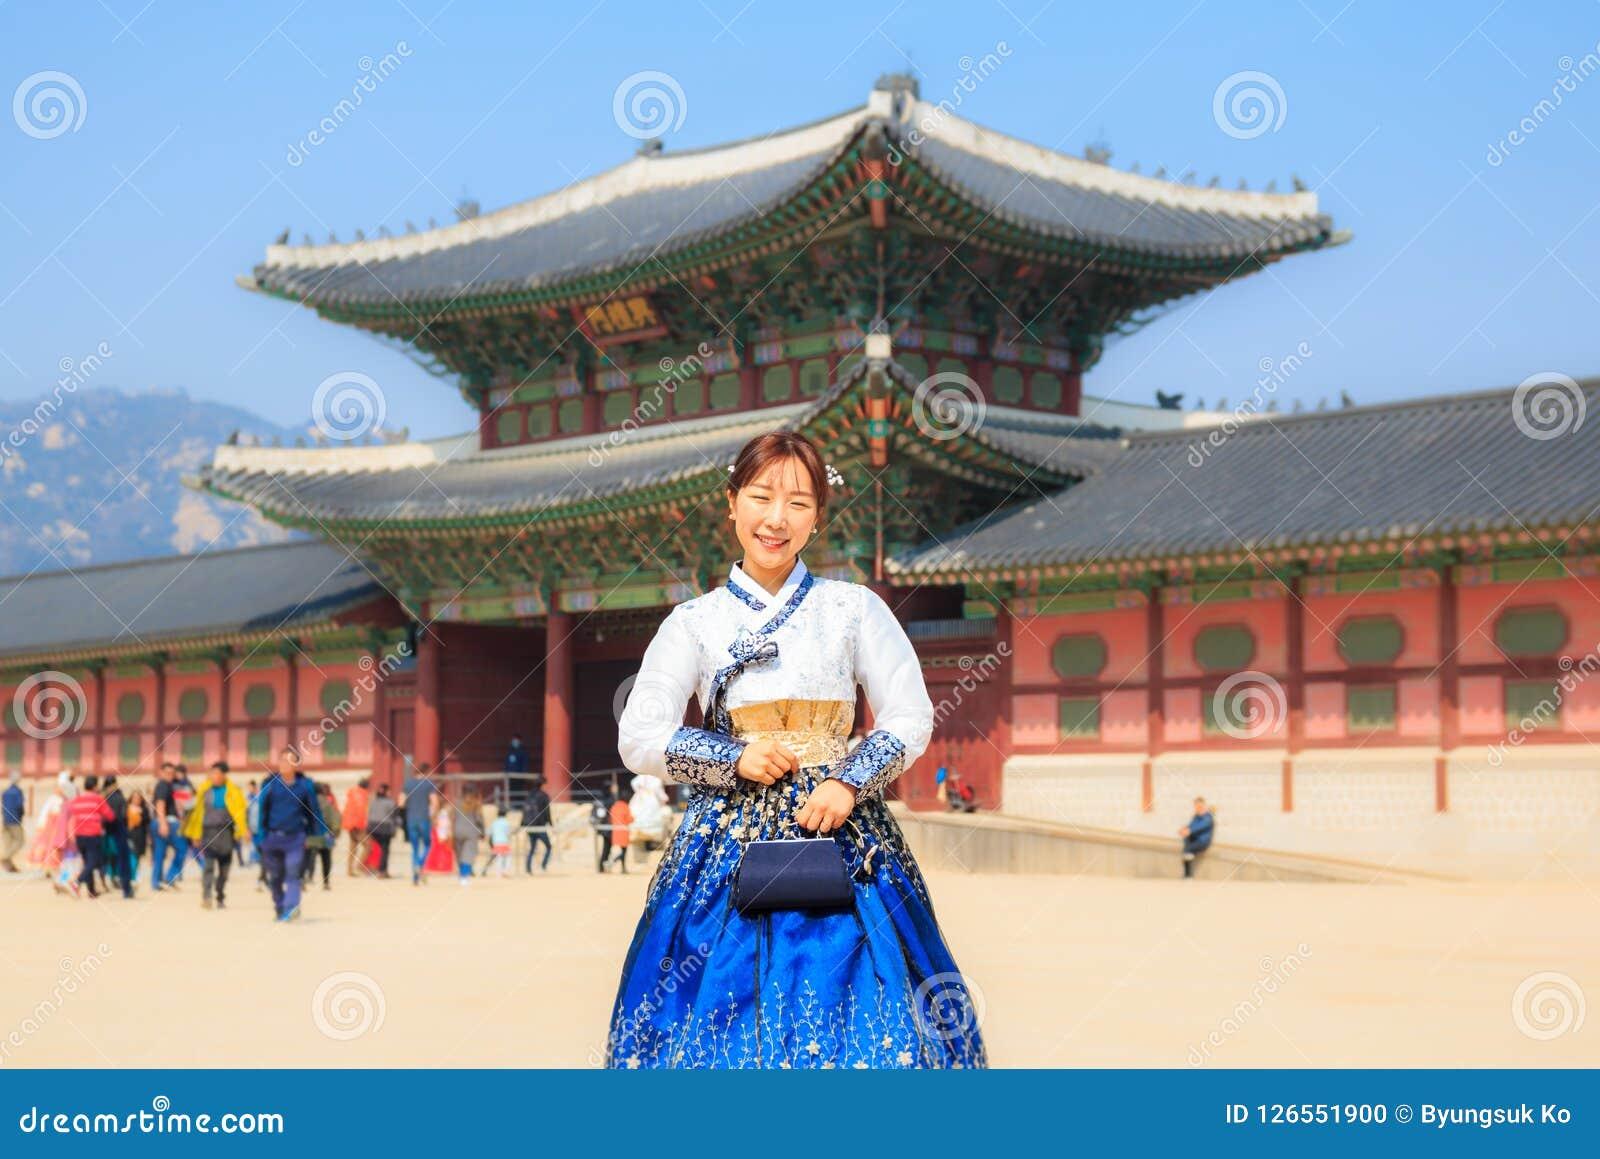 Όμορφο κορεατικό ντυμένο γυναίκα Hanbok στο παλάτι Gyeongbokgung στη Σεούλ